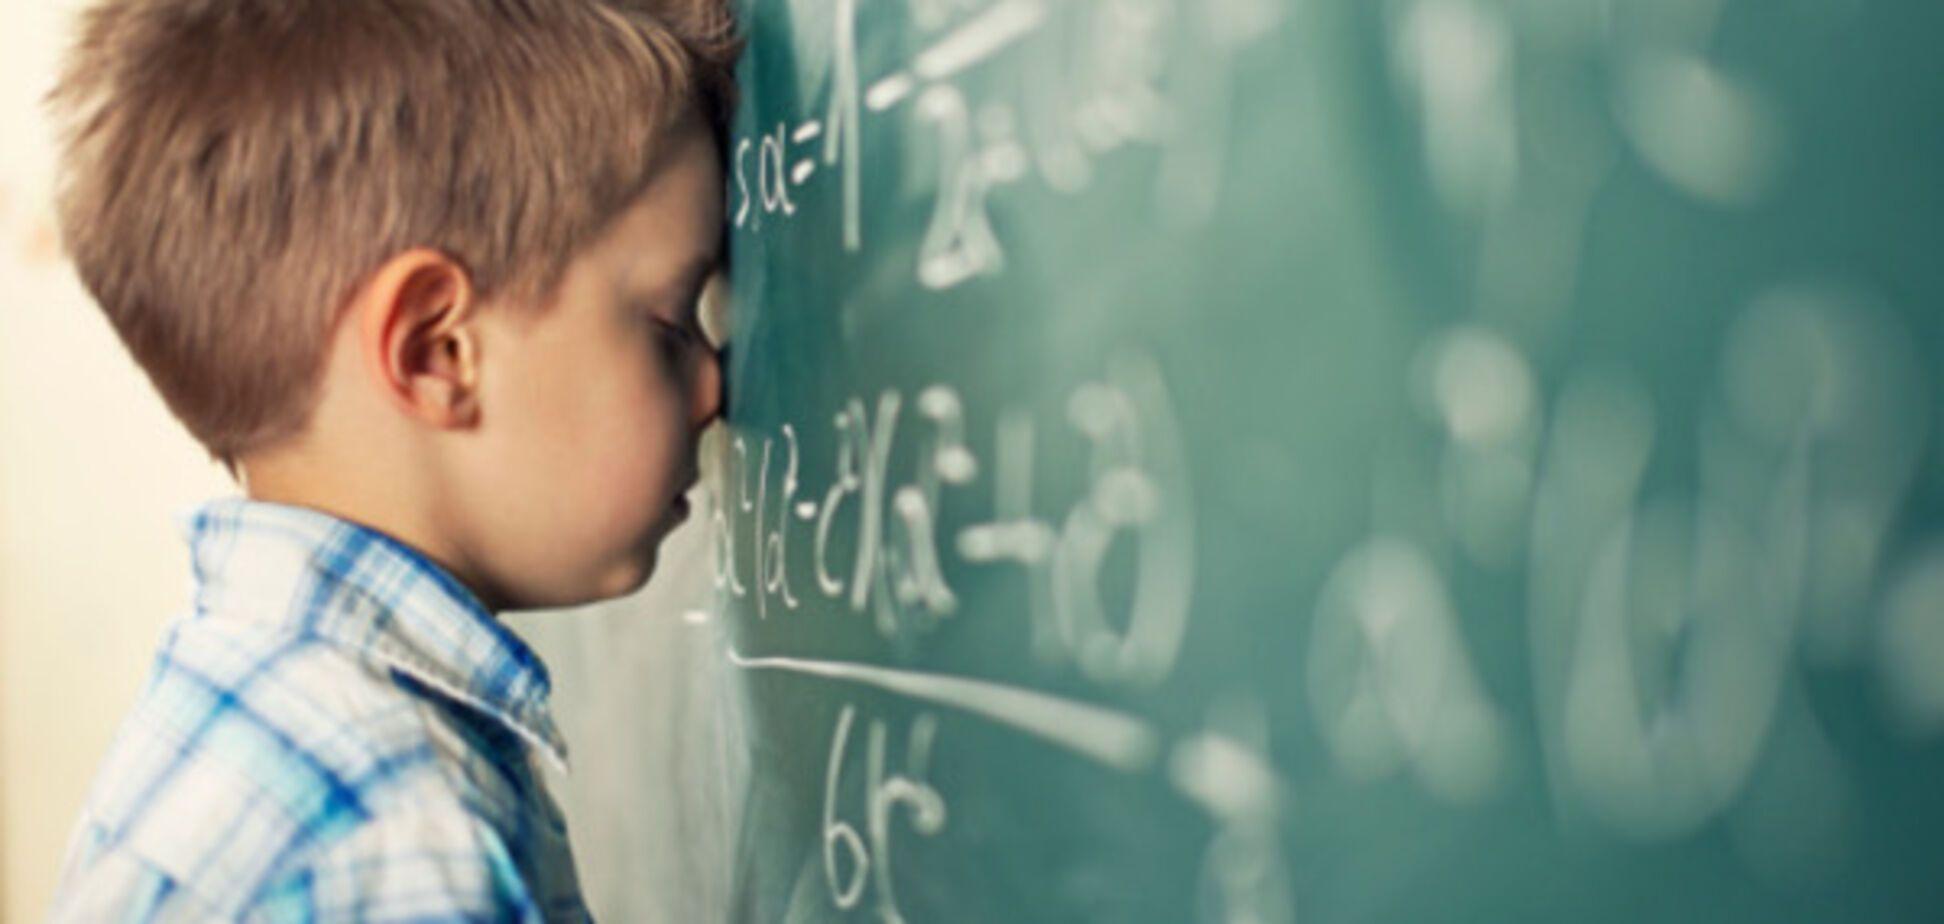 Строгість батьків тягне за собою проблеми в навчанні